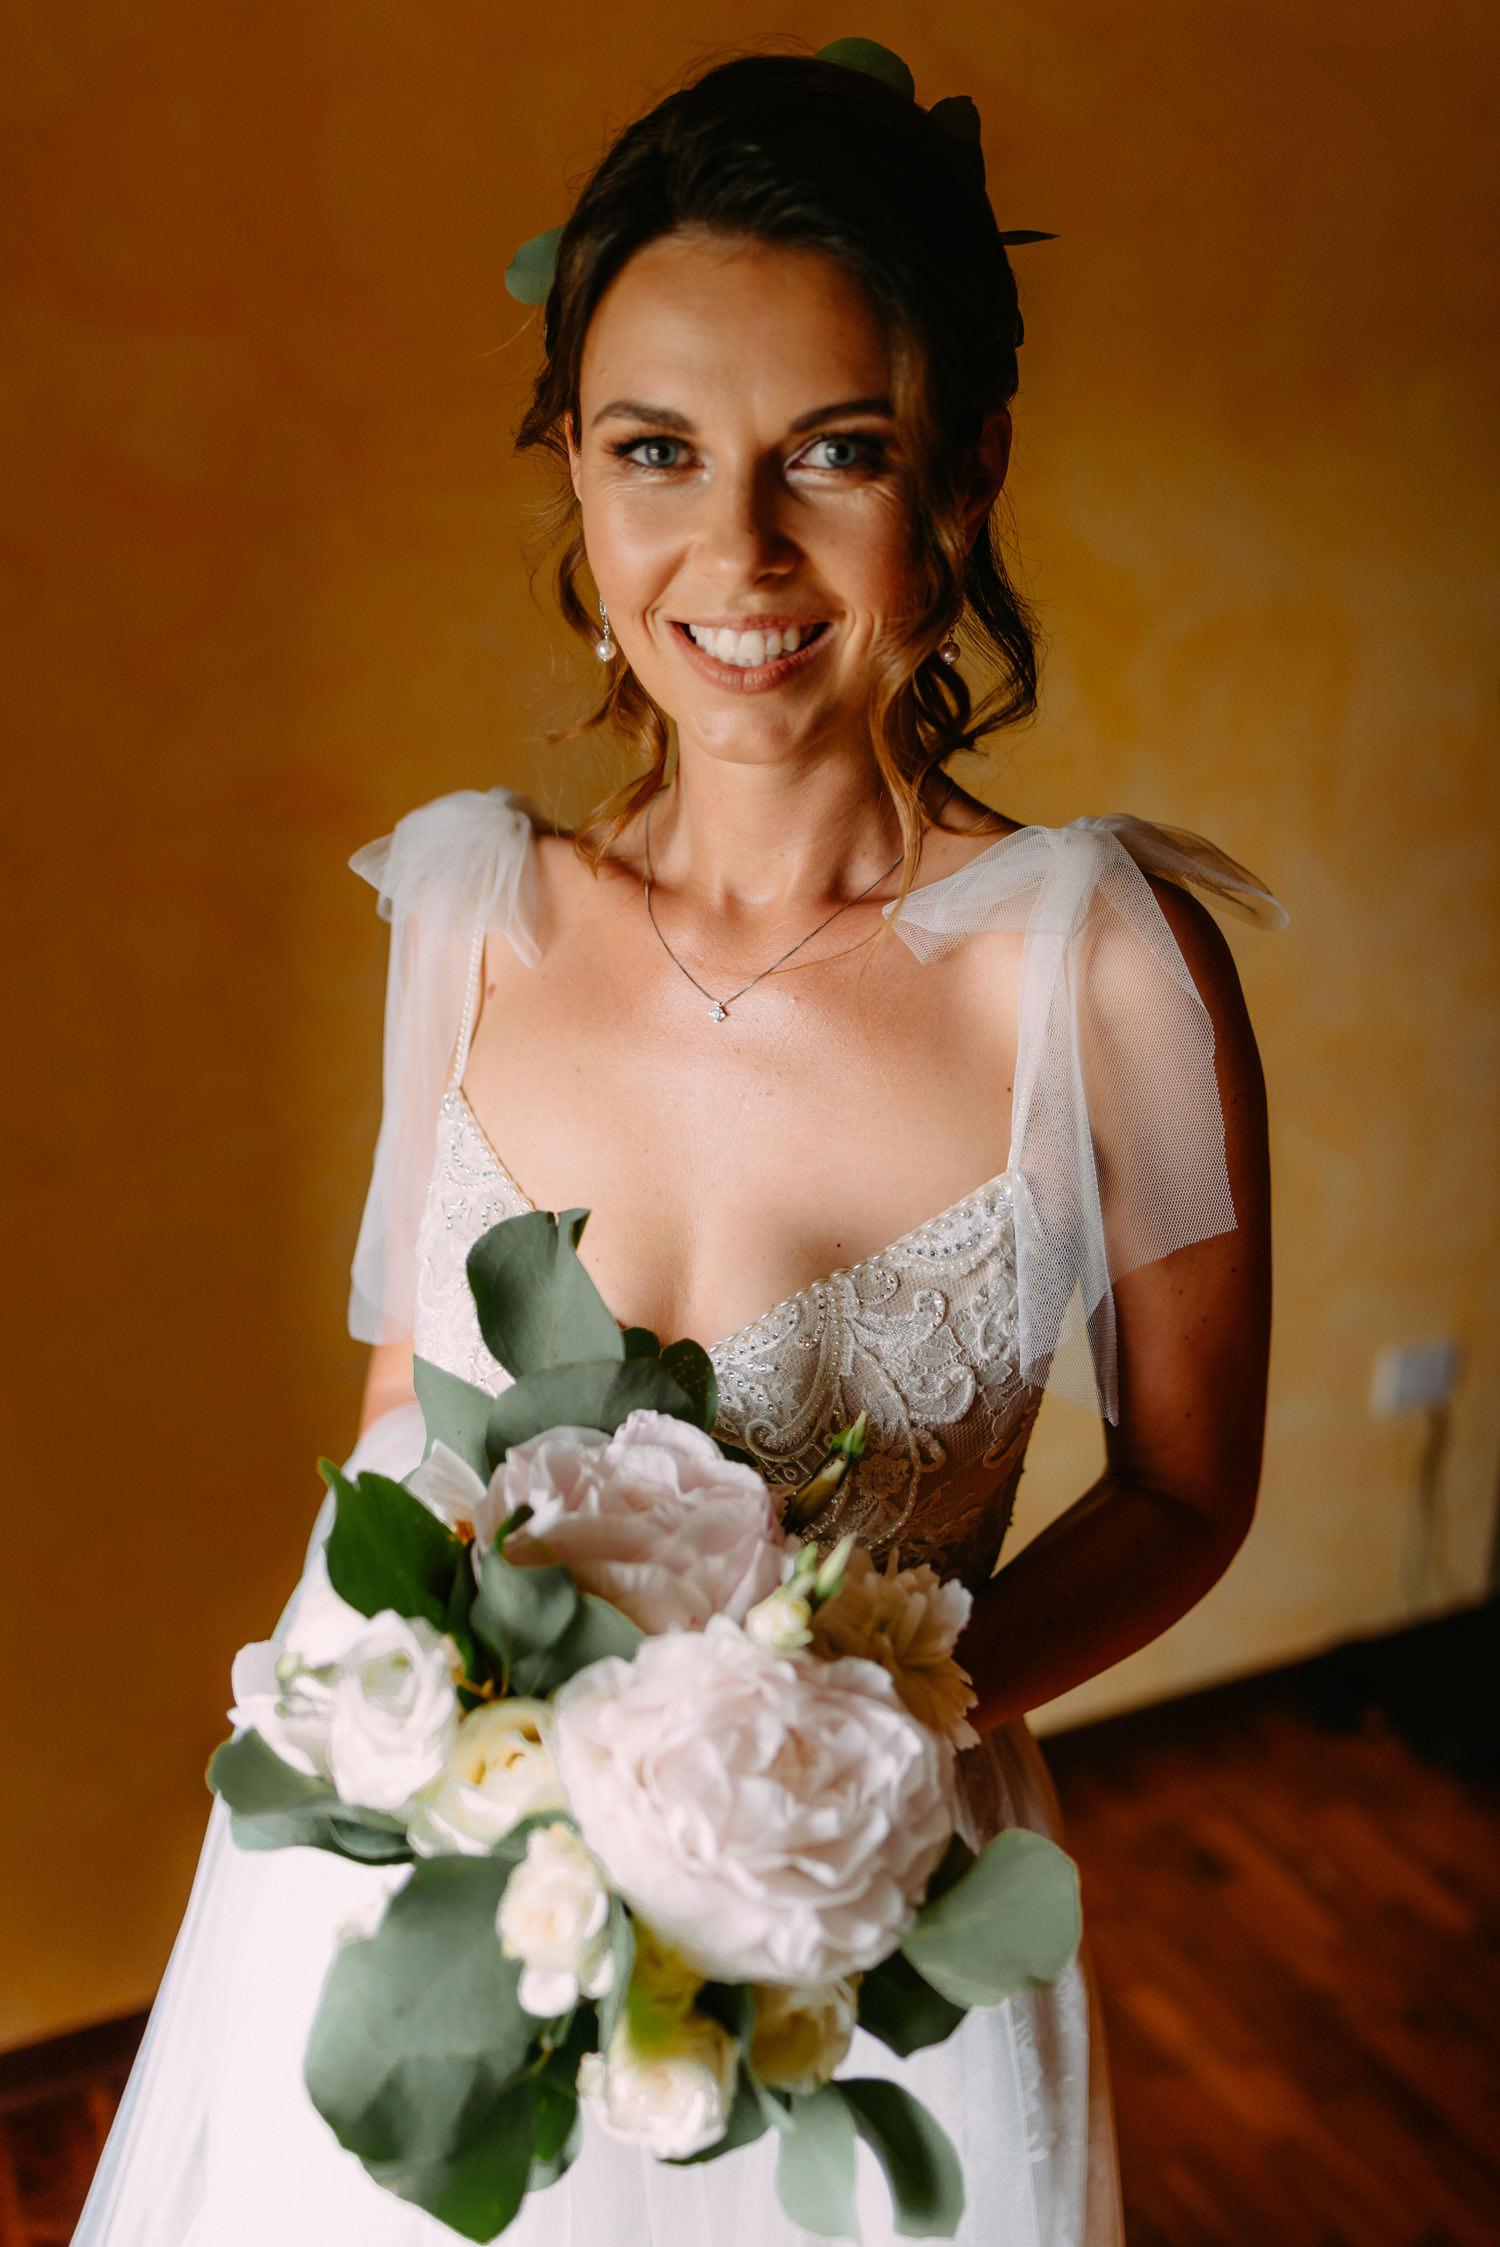 ślub za granicą - piękny panna młoda tuż przed ceremonią - Luke Sezeck